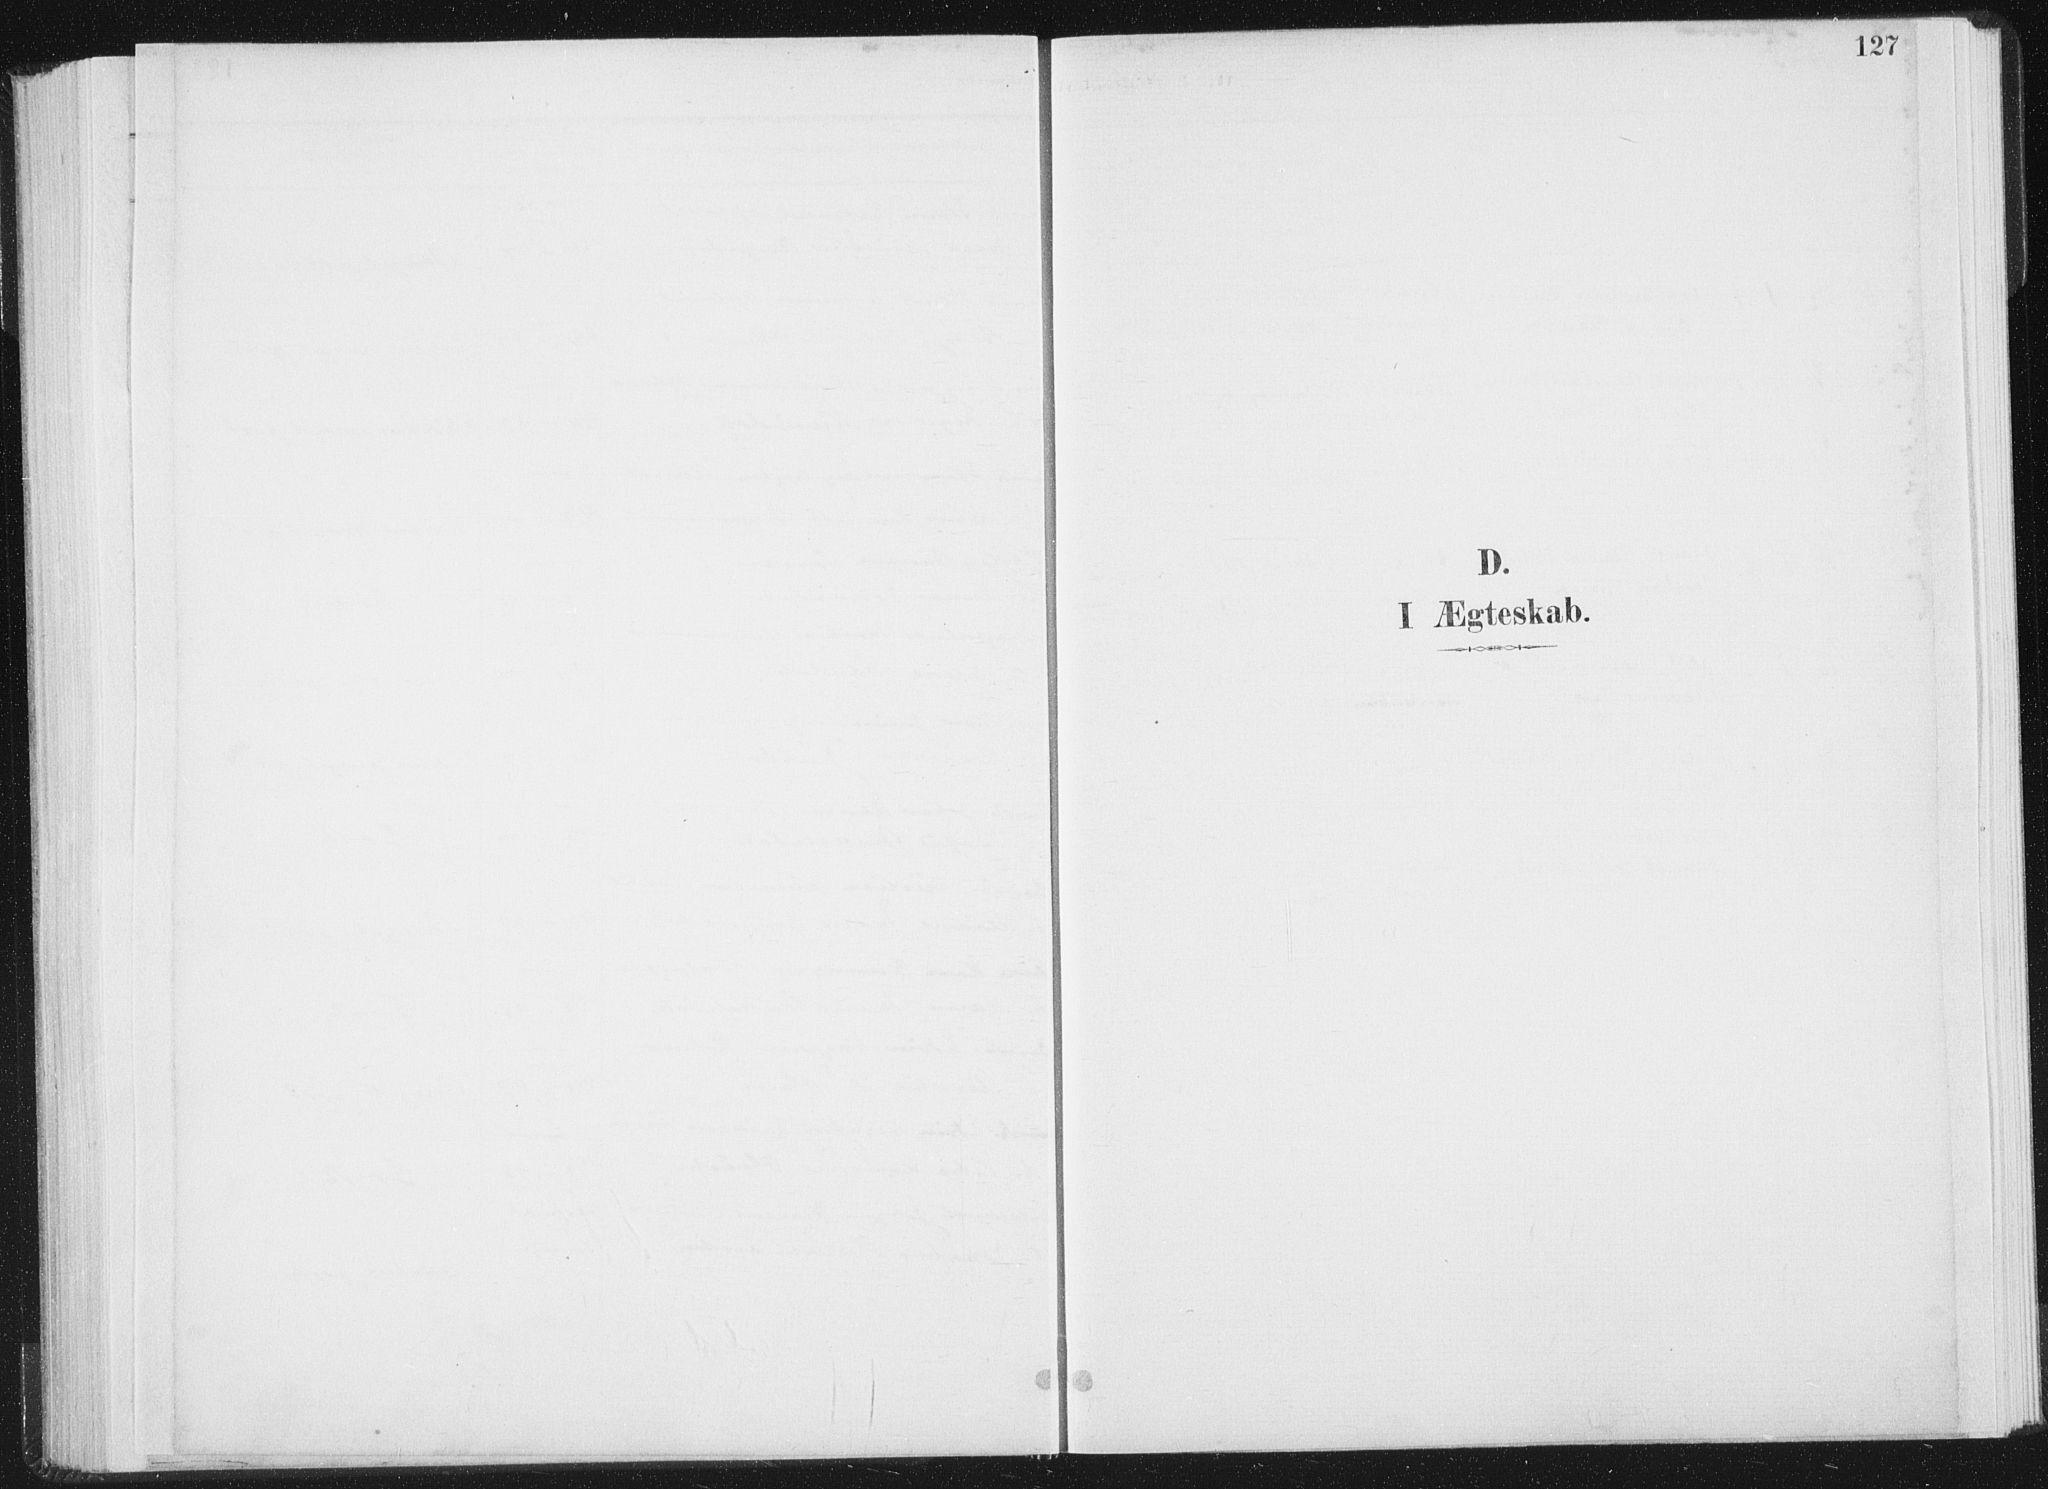 SAT, Ministerialprotokoller, klokkerbøker og fødselsregistre - Nord-Trøndelag, 771/L0597: Ministerialbok nr. 771A04, 1885-1910, s. 127